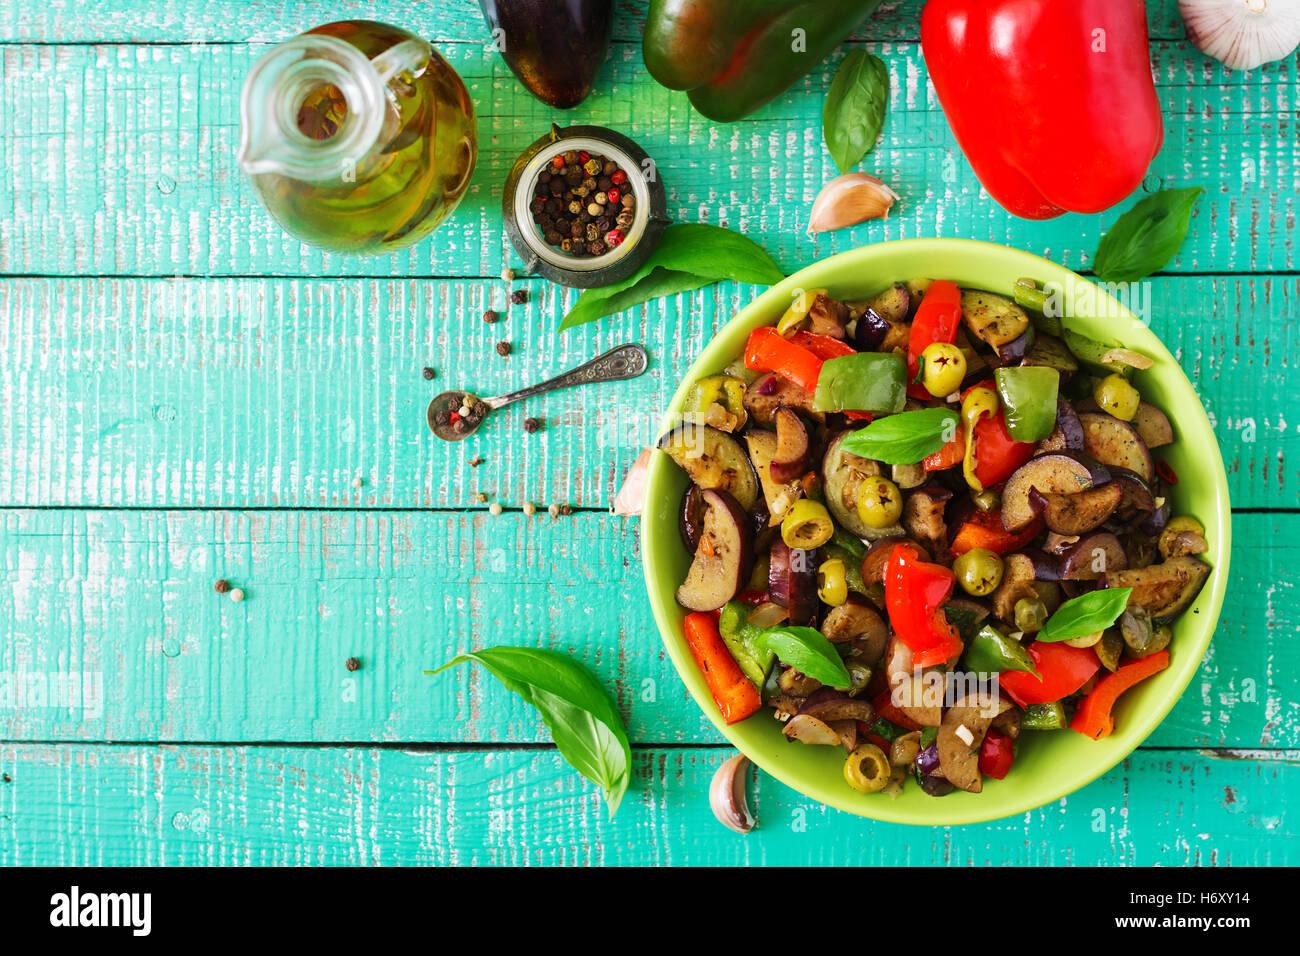 Piccante stufato di melanzane, peperoni, olive e capperi con le foglie di basilico. Vista superiore Immagini Stock